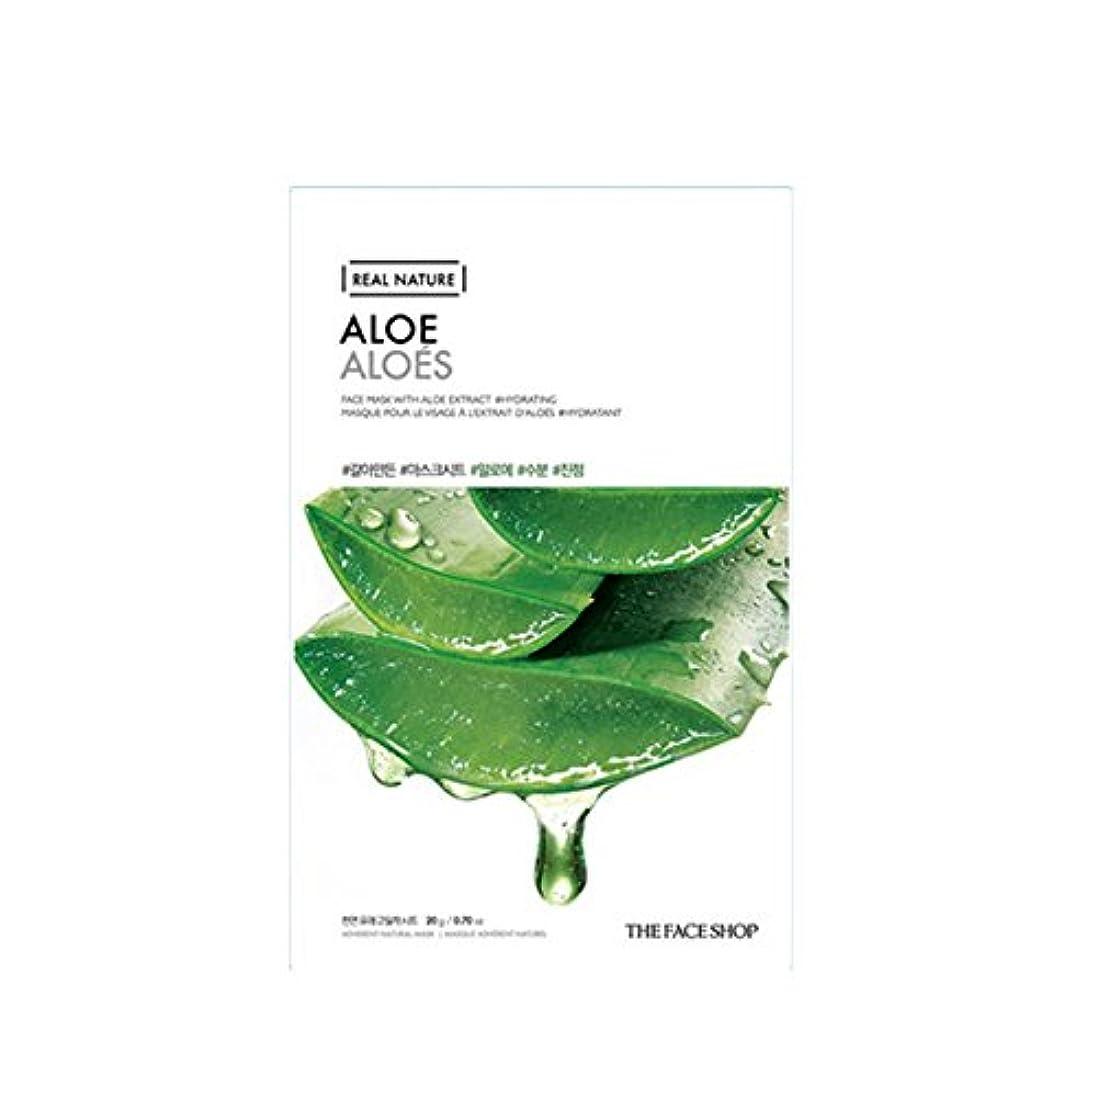 死の顎ジョットディボンドン寄生虫[The Face Shop] ザフェイスショップ リアルネイチャーマスクシート Real Nature Mask Sheet (Aloe (アロエ) 10個) [並行輸入品]